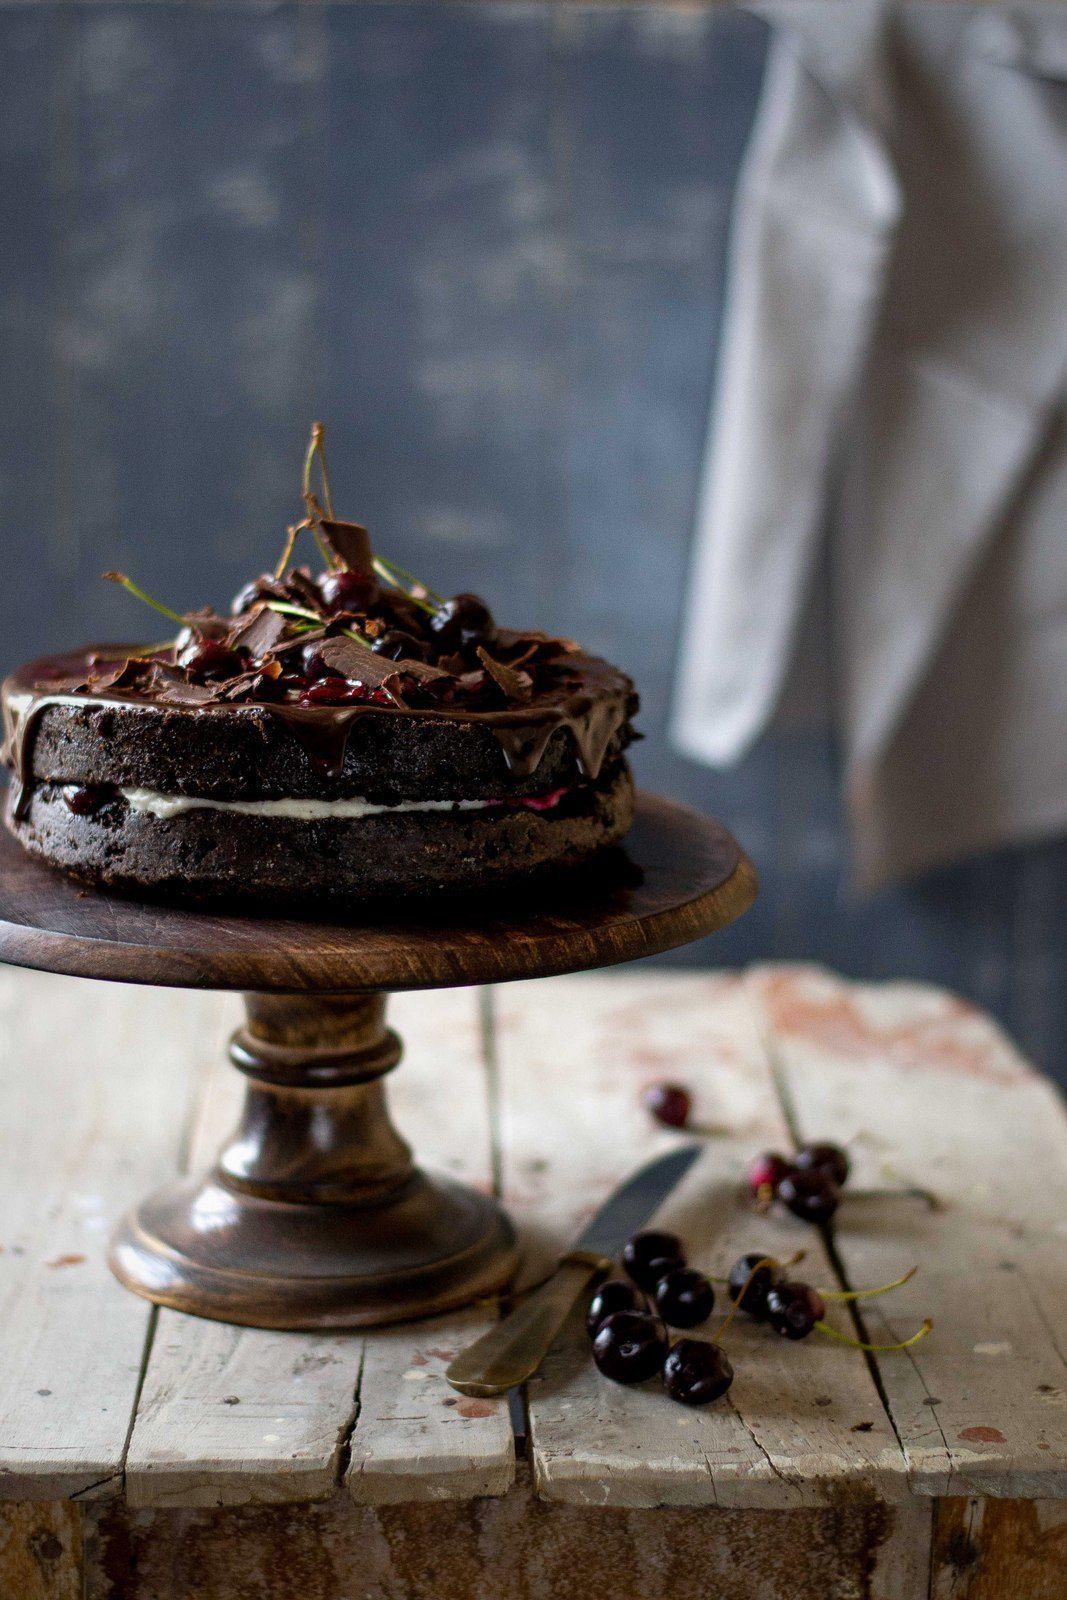 Chocolate Yogurt Cake With Balsamic Cherry Filling 2